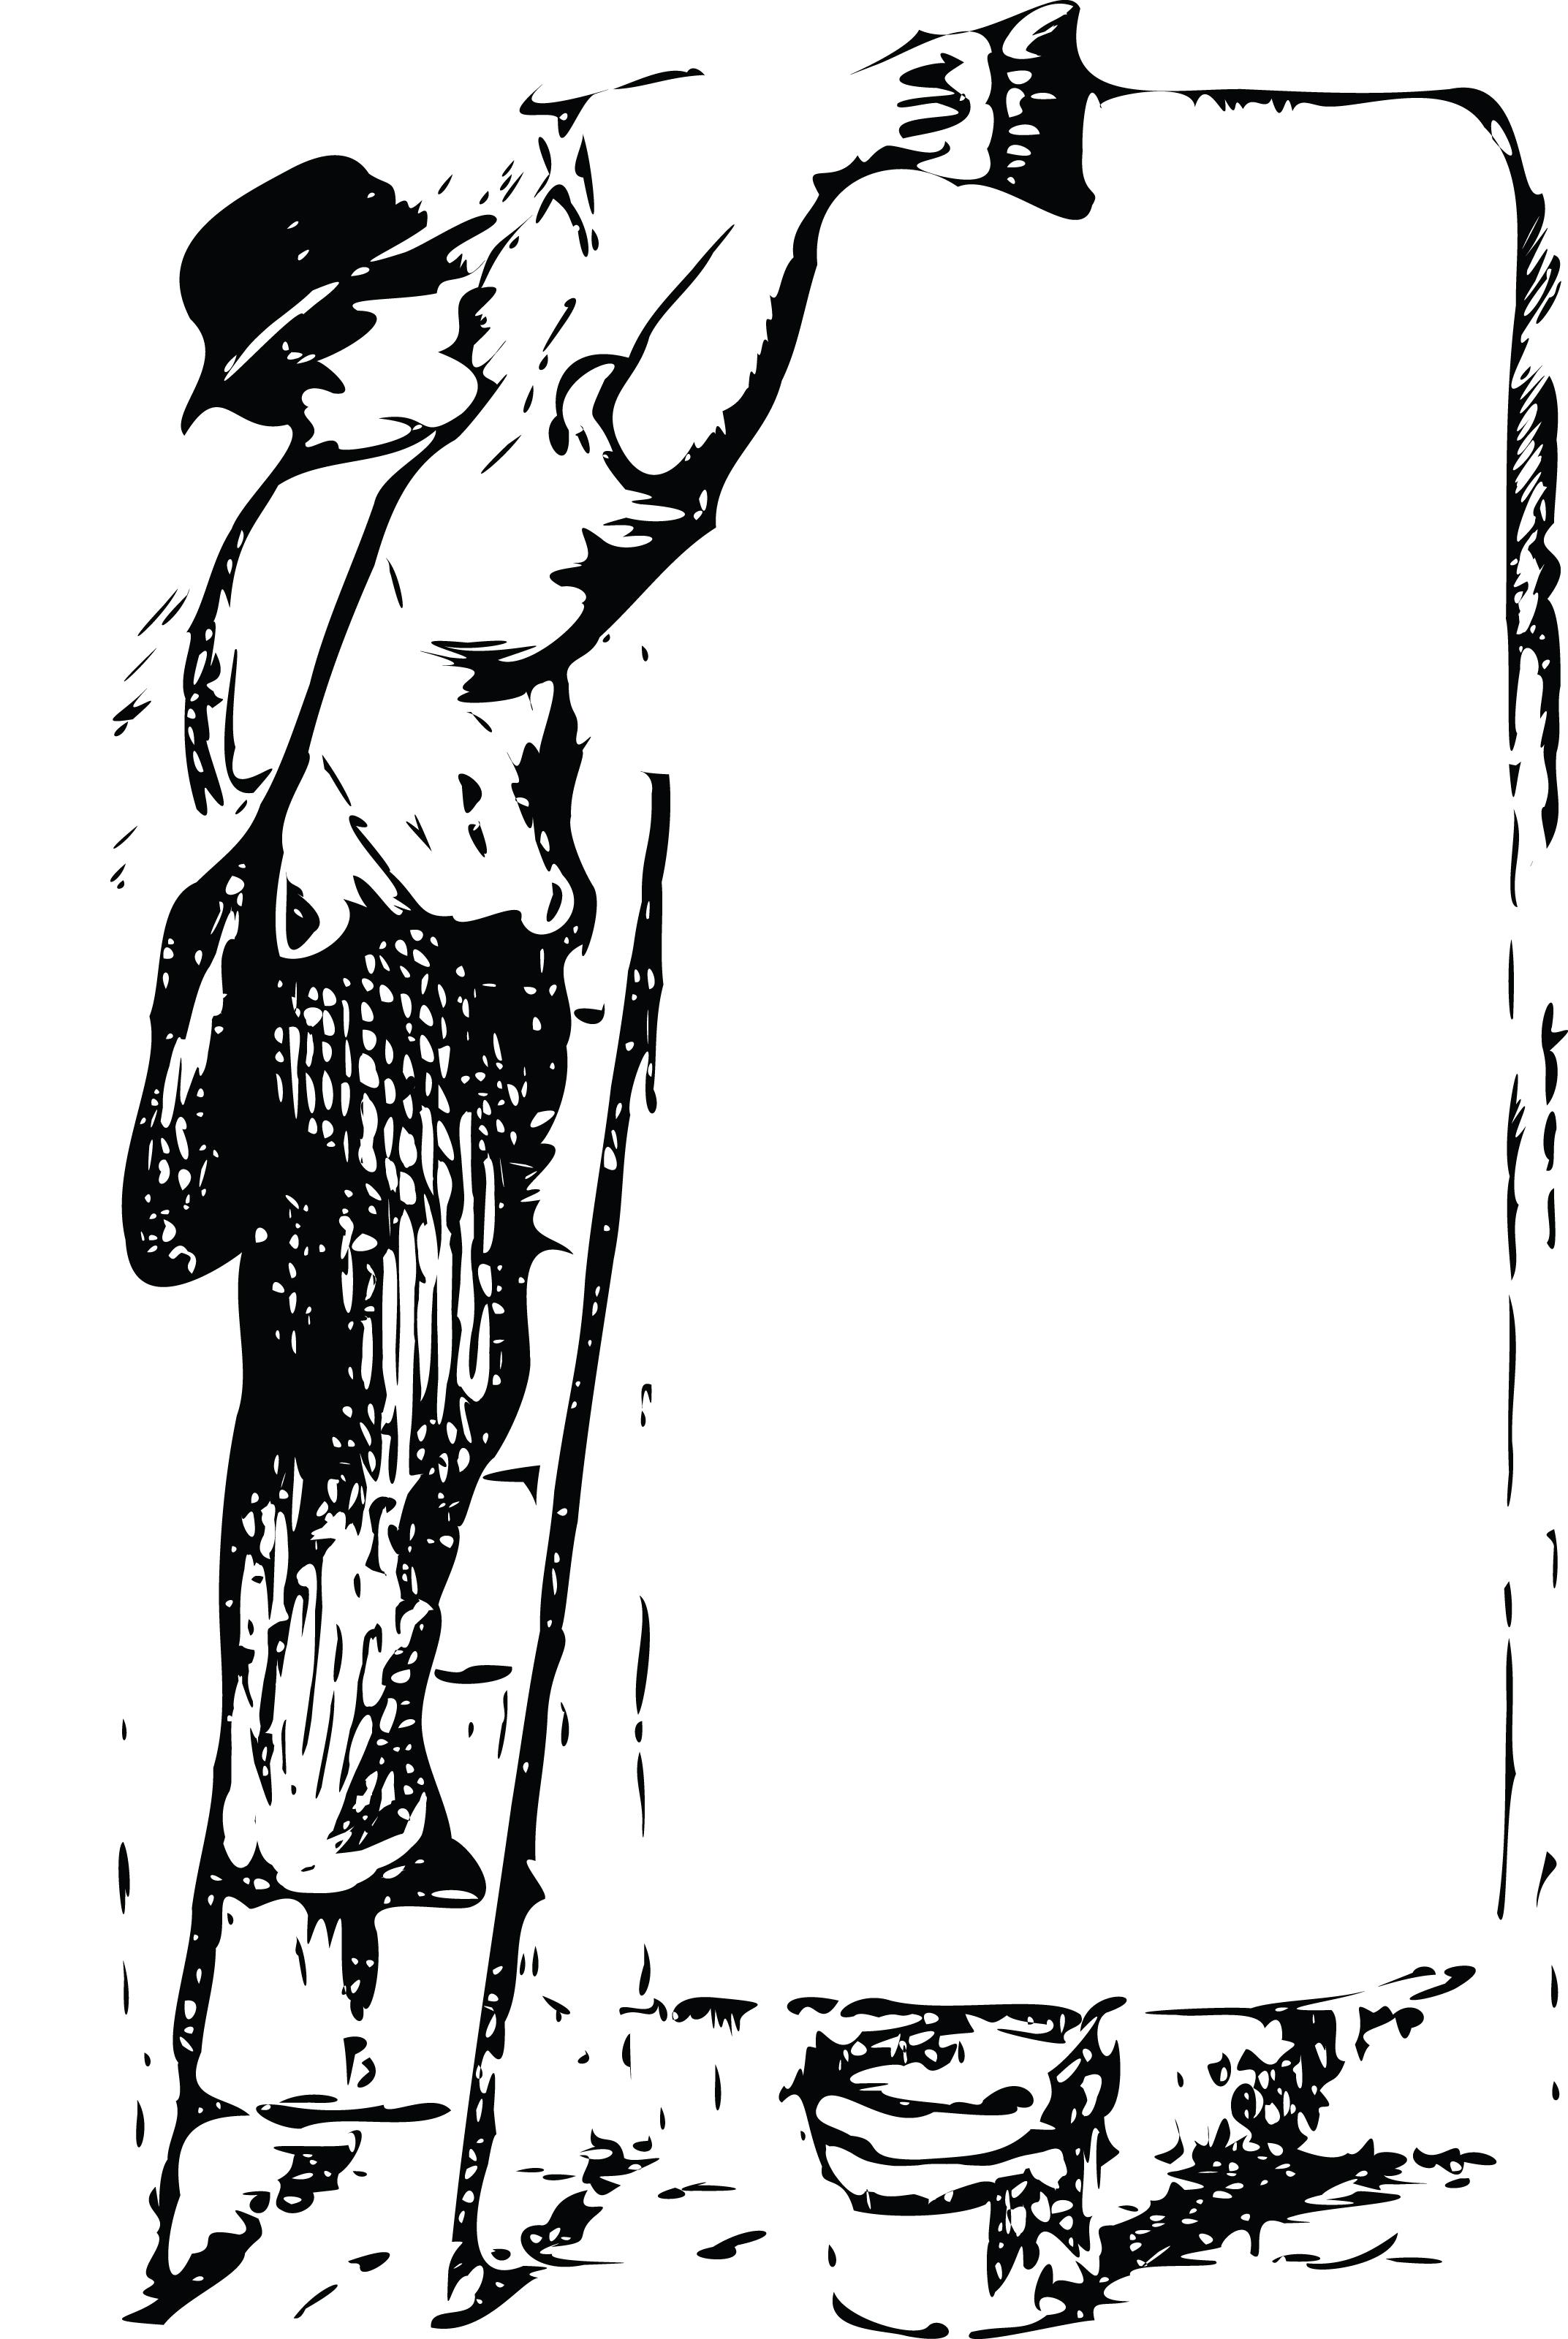 Free Retro Clipart Of Man Preparing Public Notice Sign